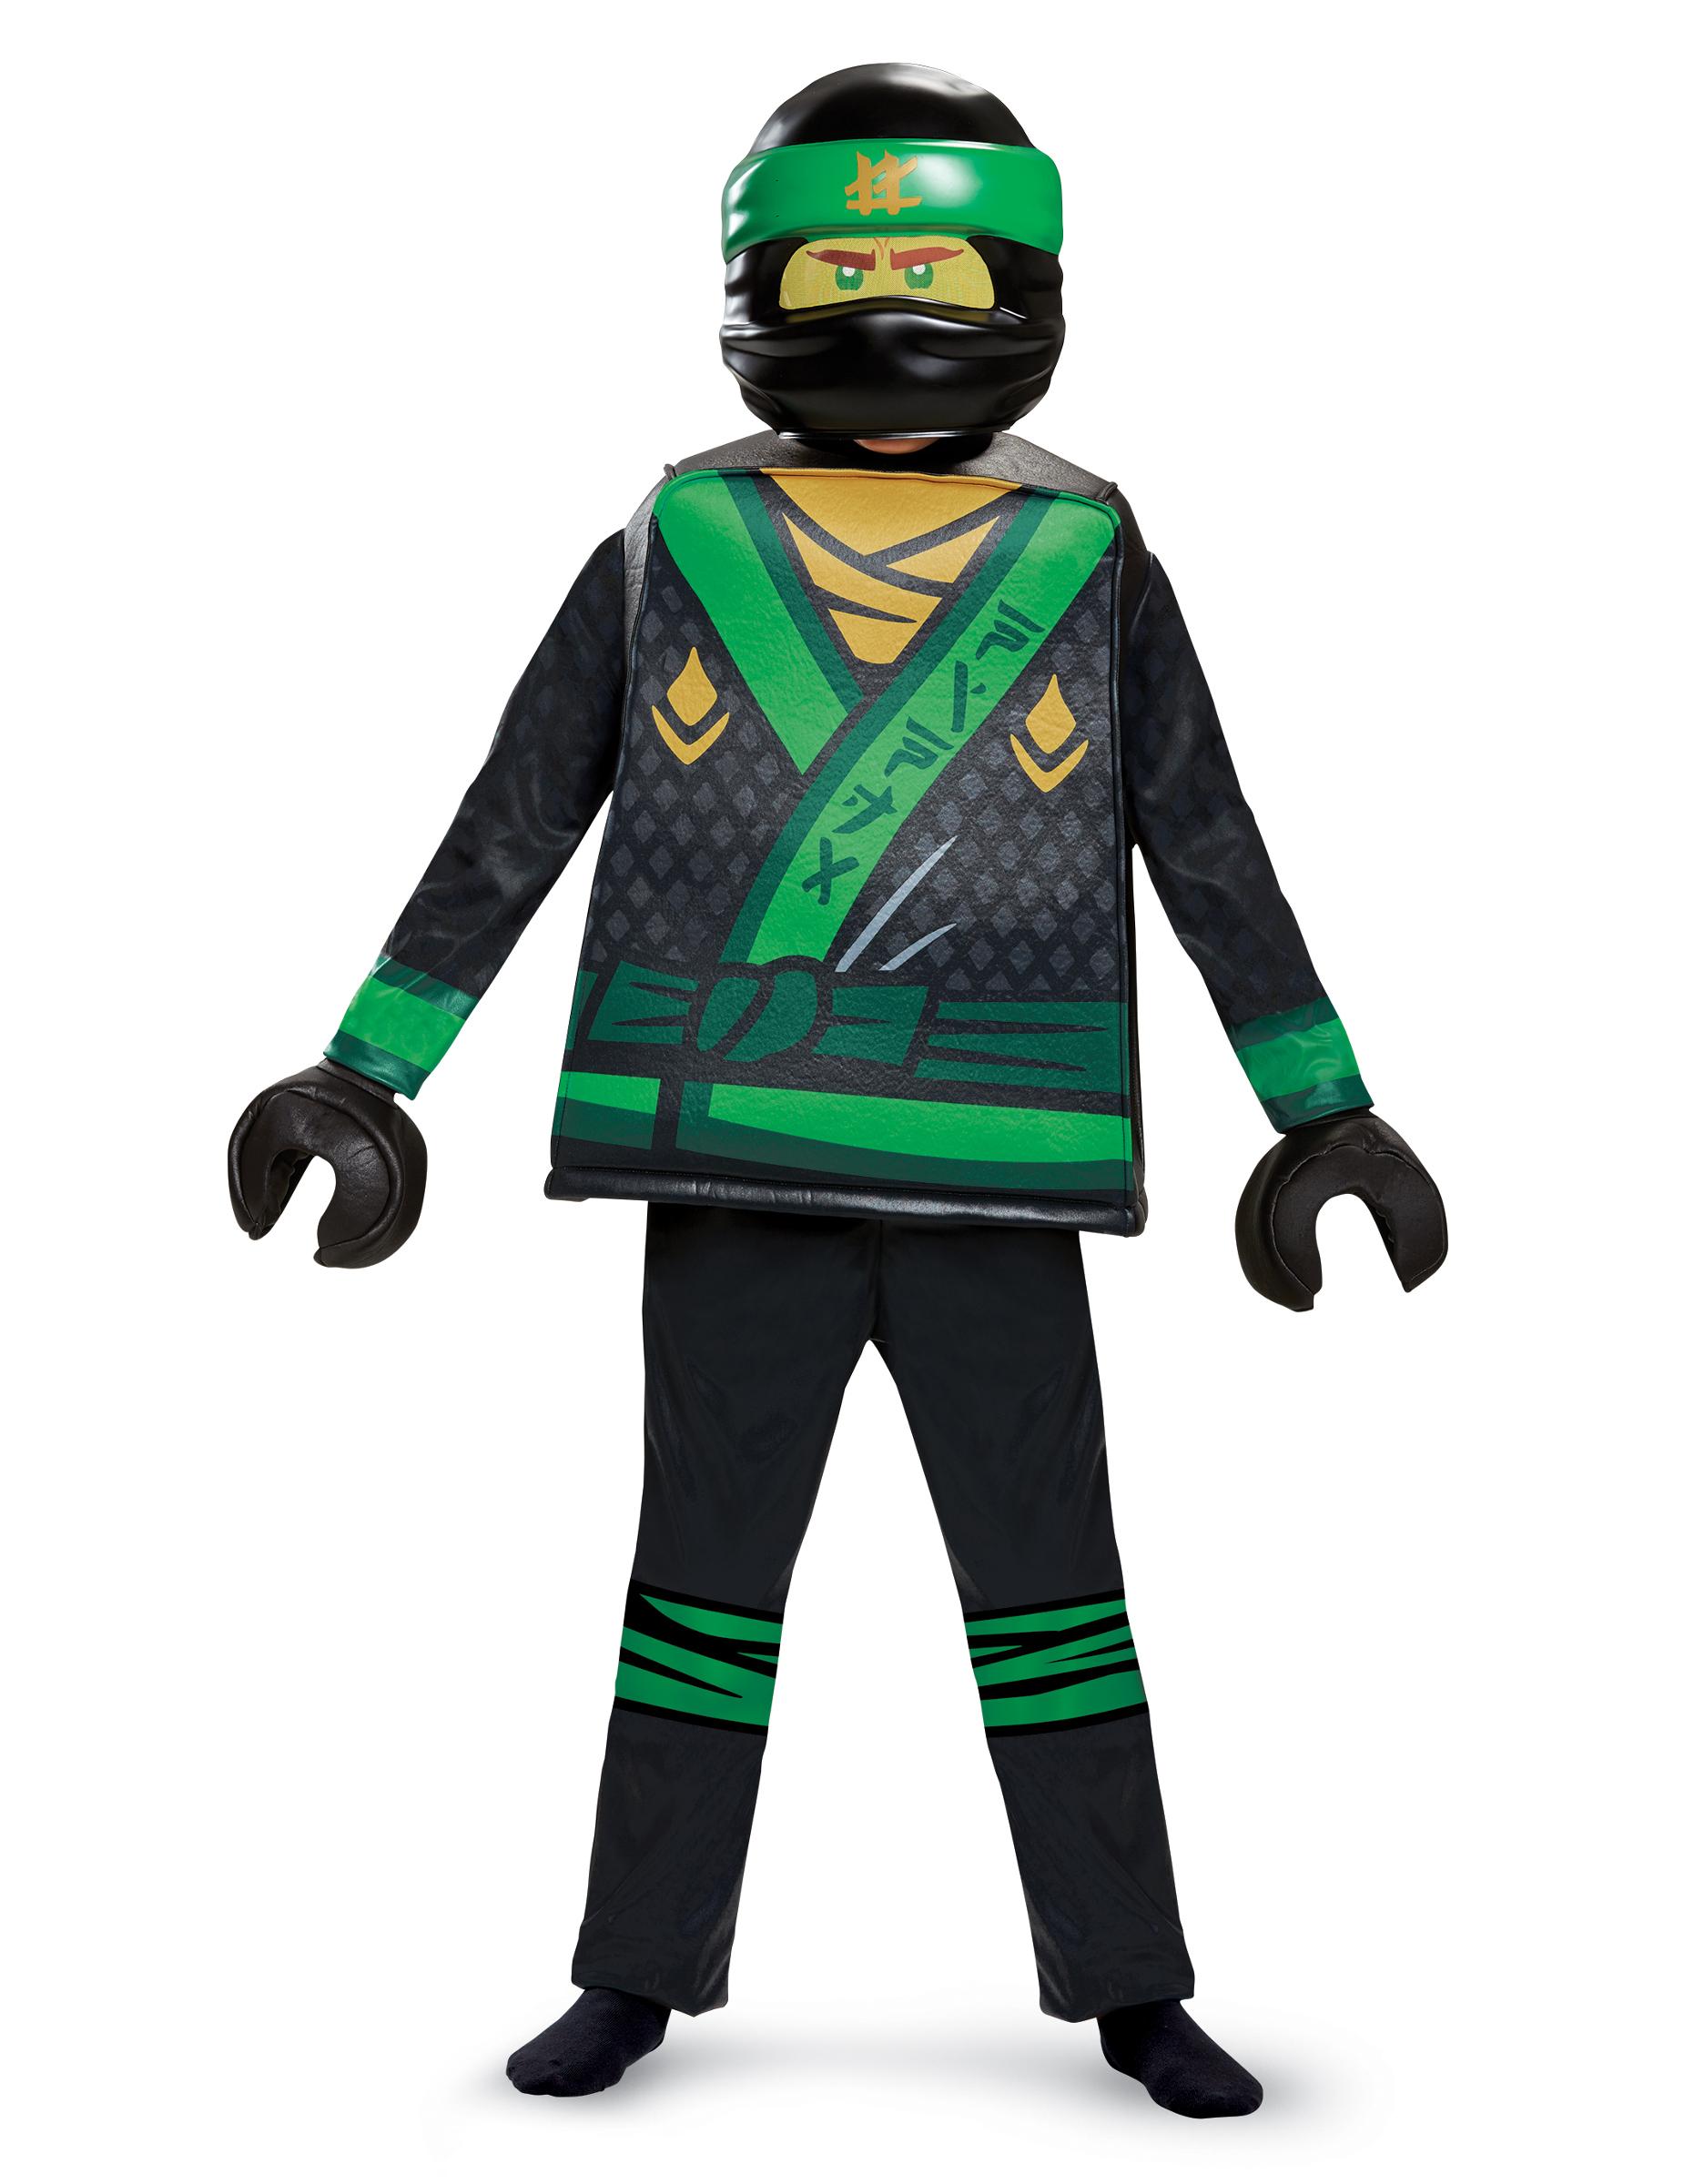 Costume deluxe Lloyd Lego Ninjago™ il film per bambino - Nuovo modello 9cefebaae71